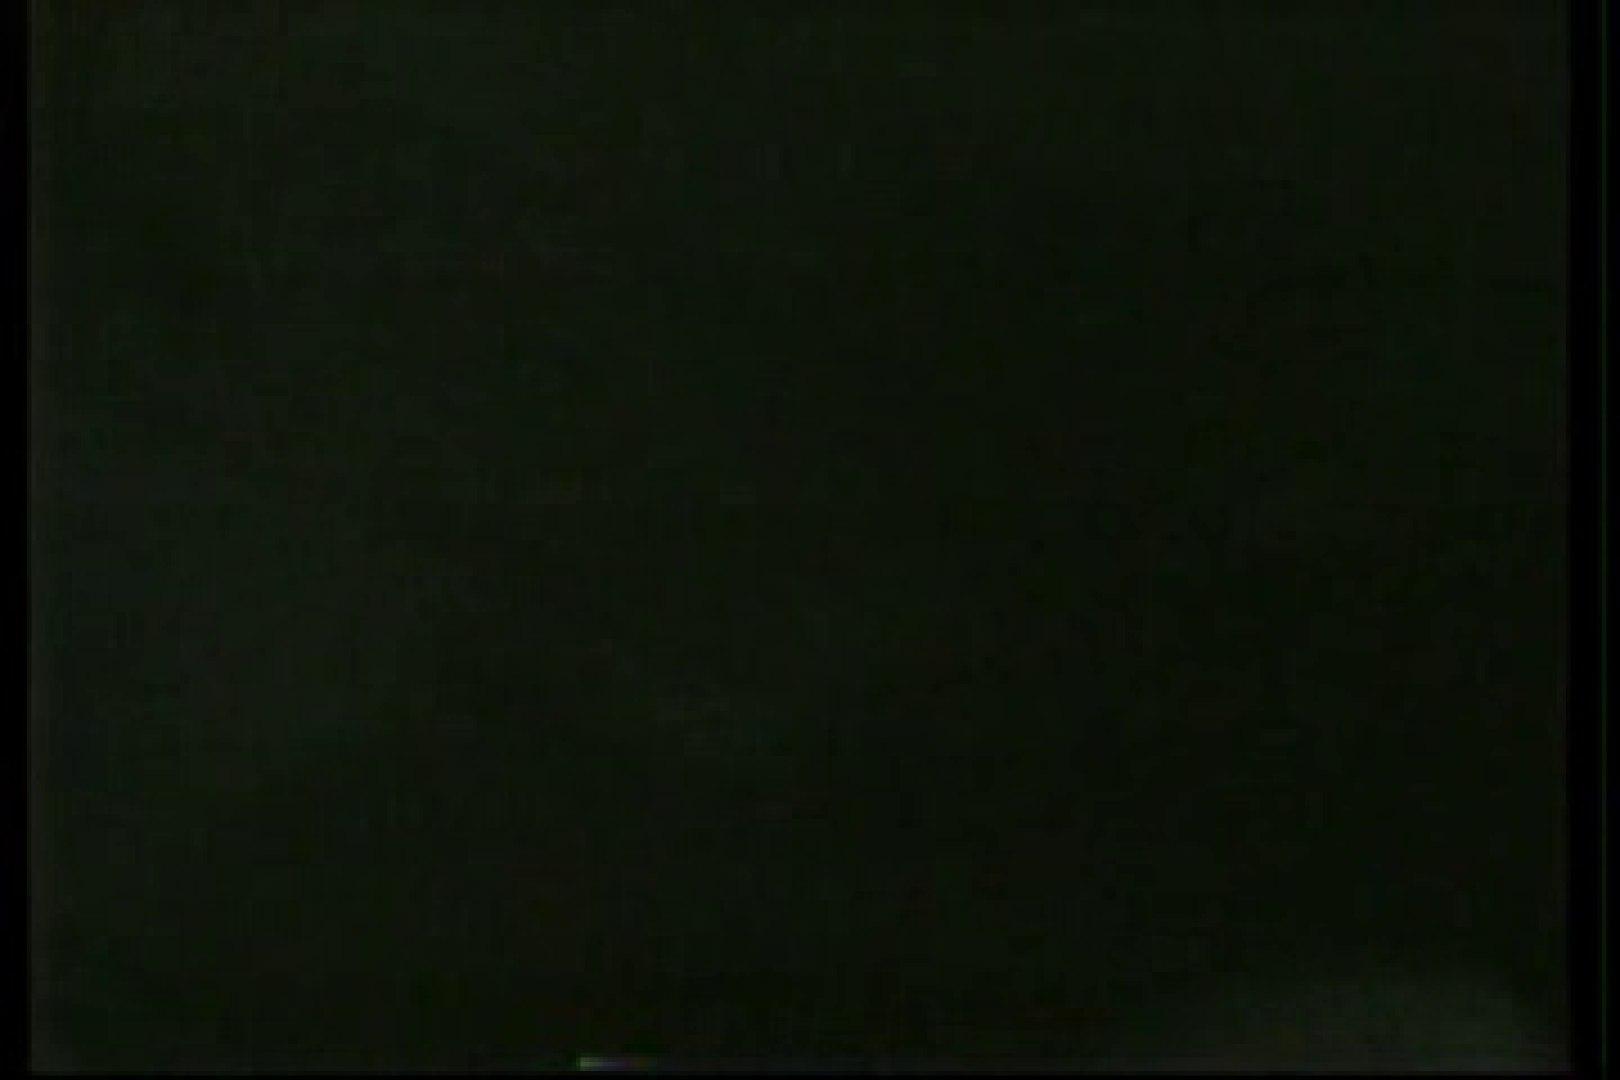 【実録個人撮影】男の子達の禁断の愛欲性活!!vol.02(対女性アナル責め) M男  67pic 23